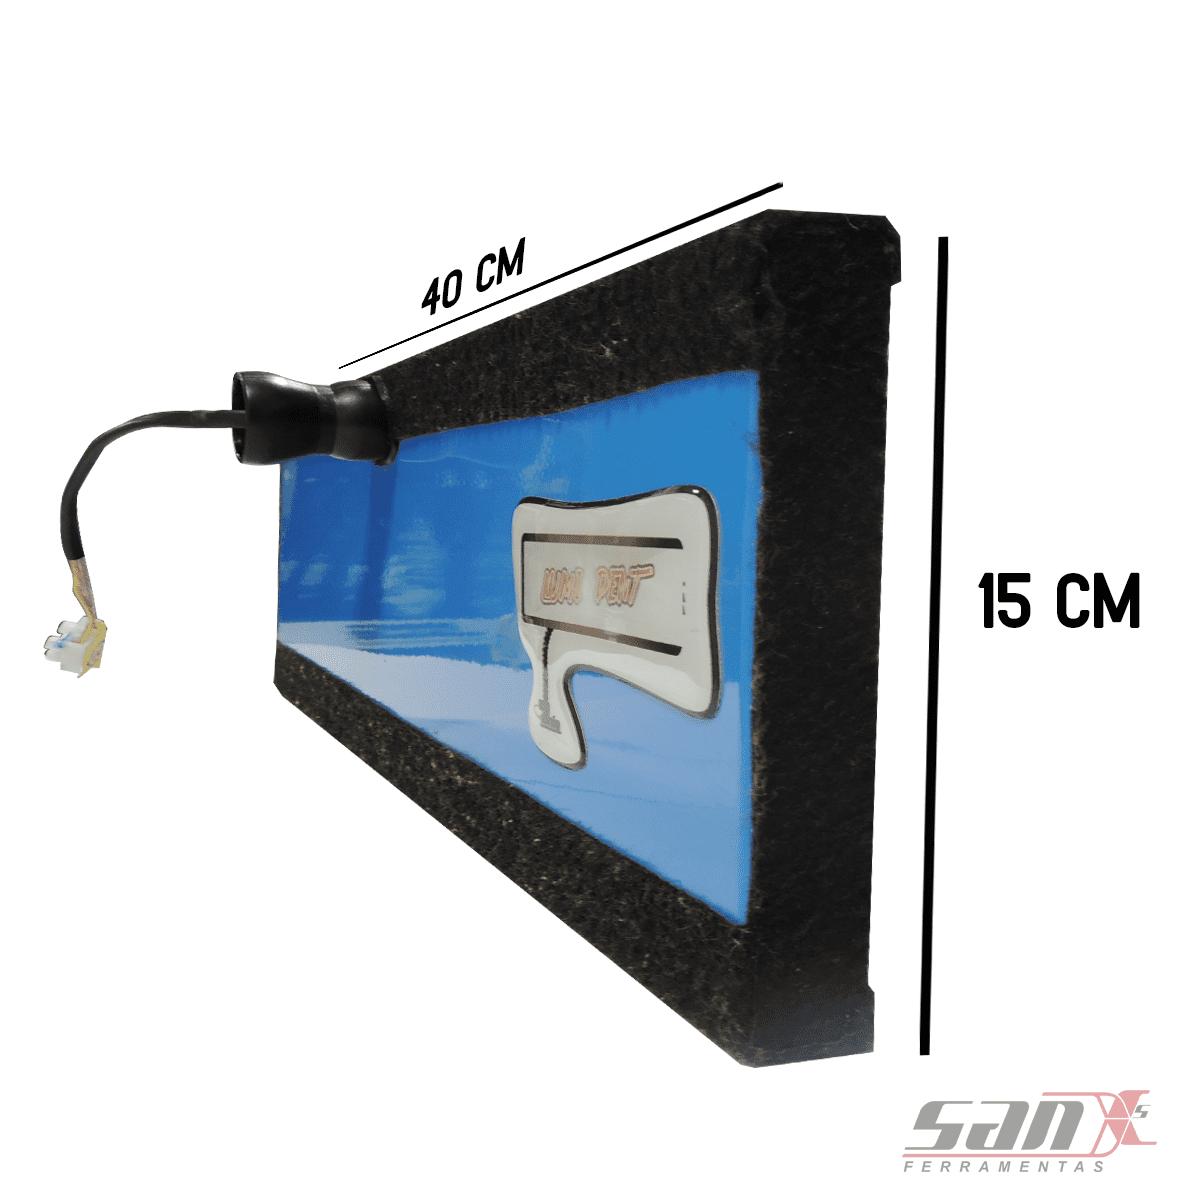 LUMINÁRIA DE LED 15x40 cm - 3 LEDS com DIMMER Remoto